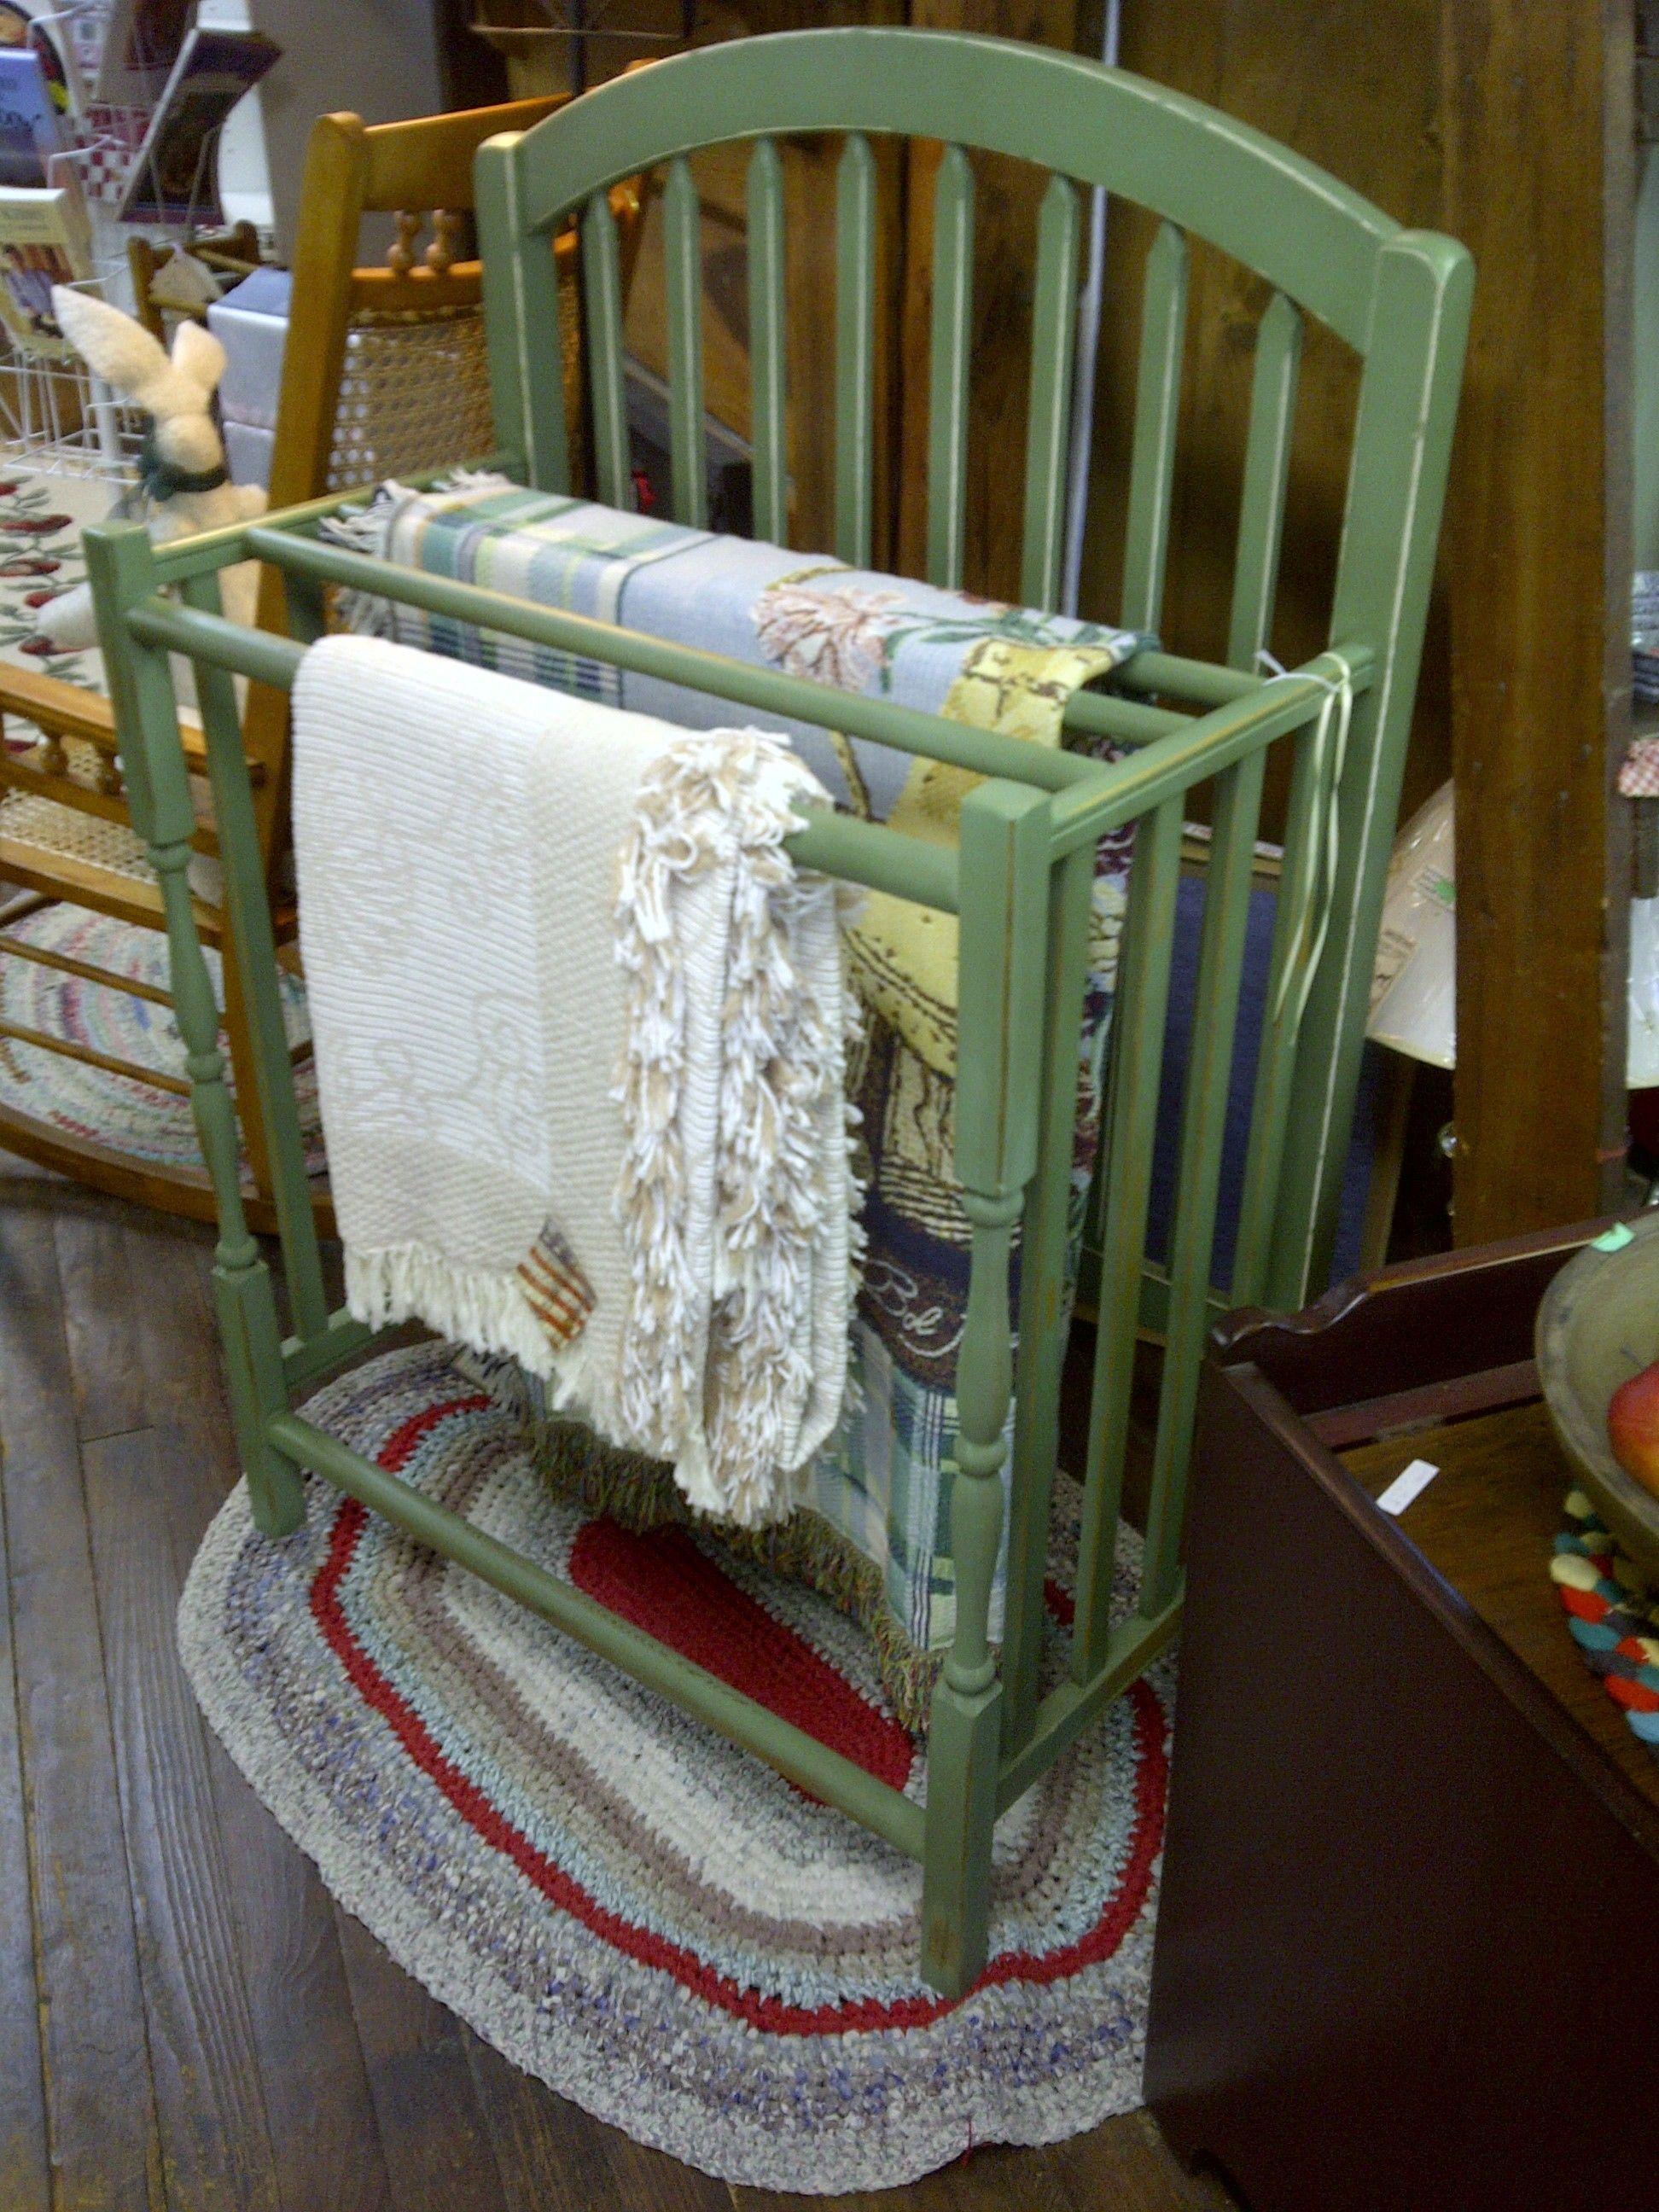 Una excelente razón para mantener una pieza sentimental. Utilice una vieja cuna del bebé como un estante colcha.